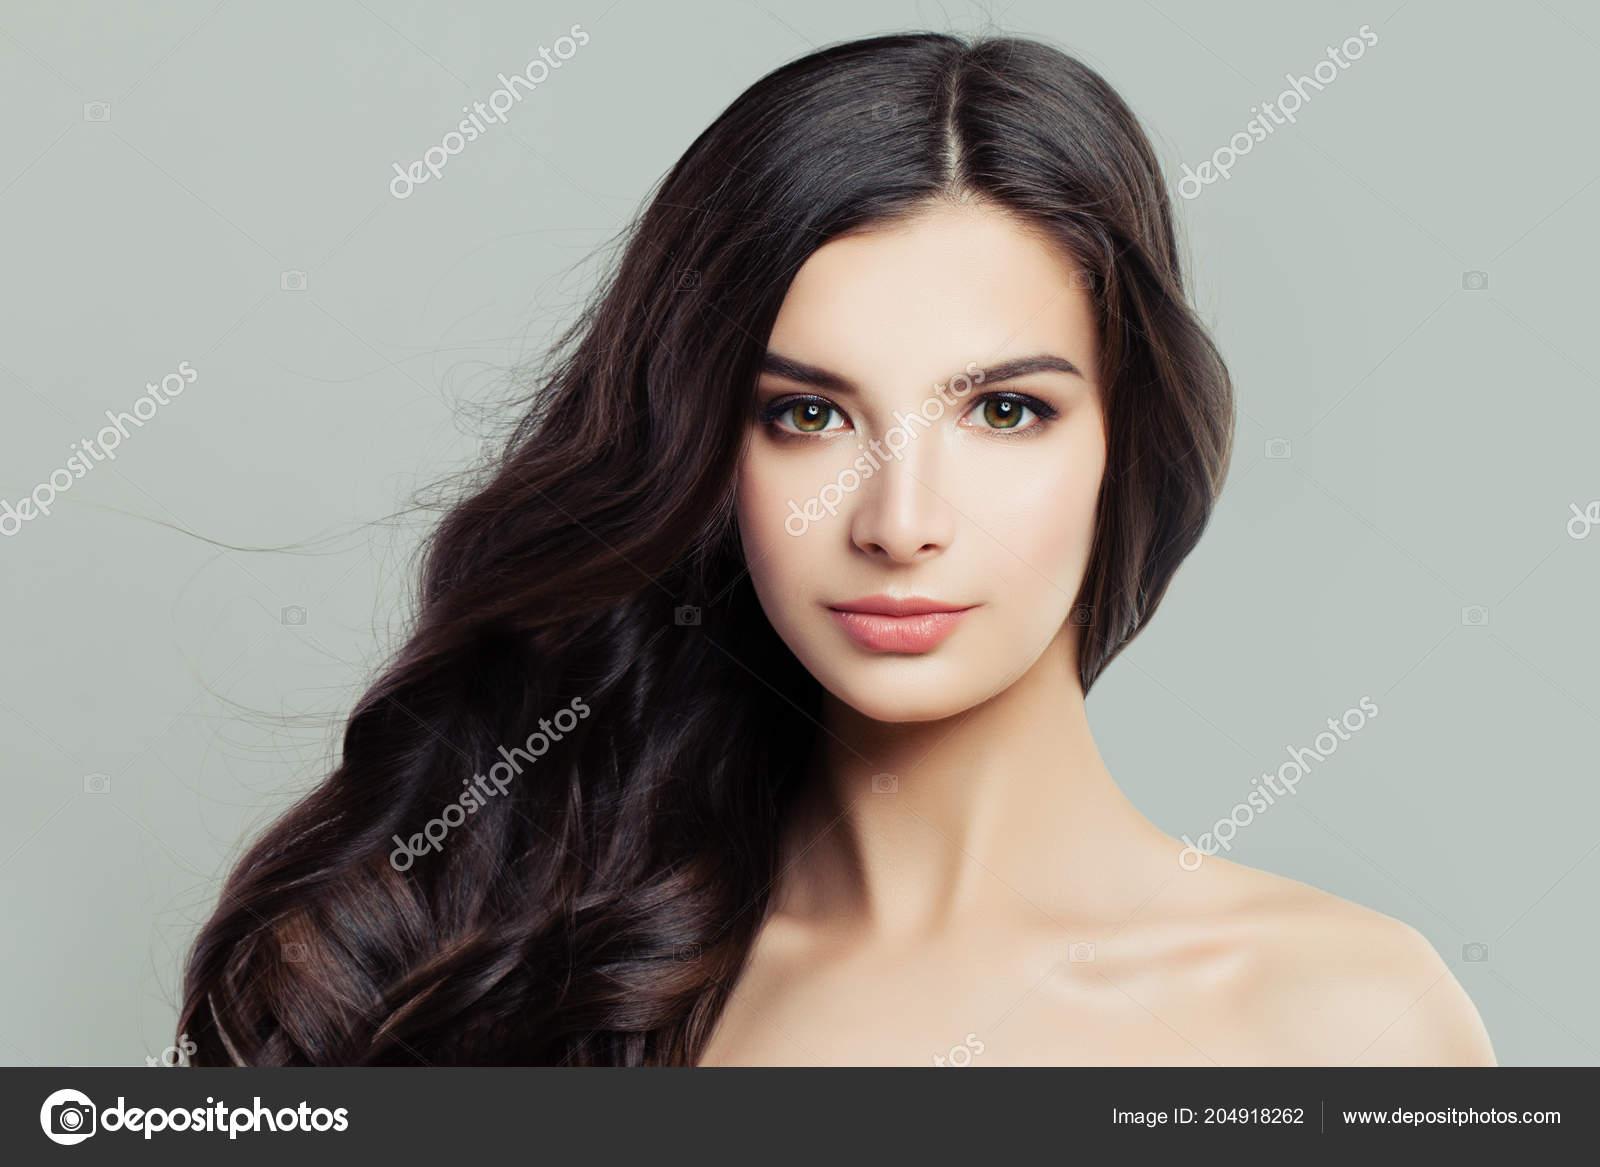 Hermosa mujer joven con peinado largo marrón y piel clara. Tratamiento  facial 4f5bb97b1d39